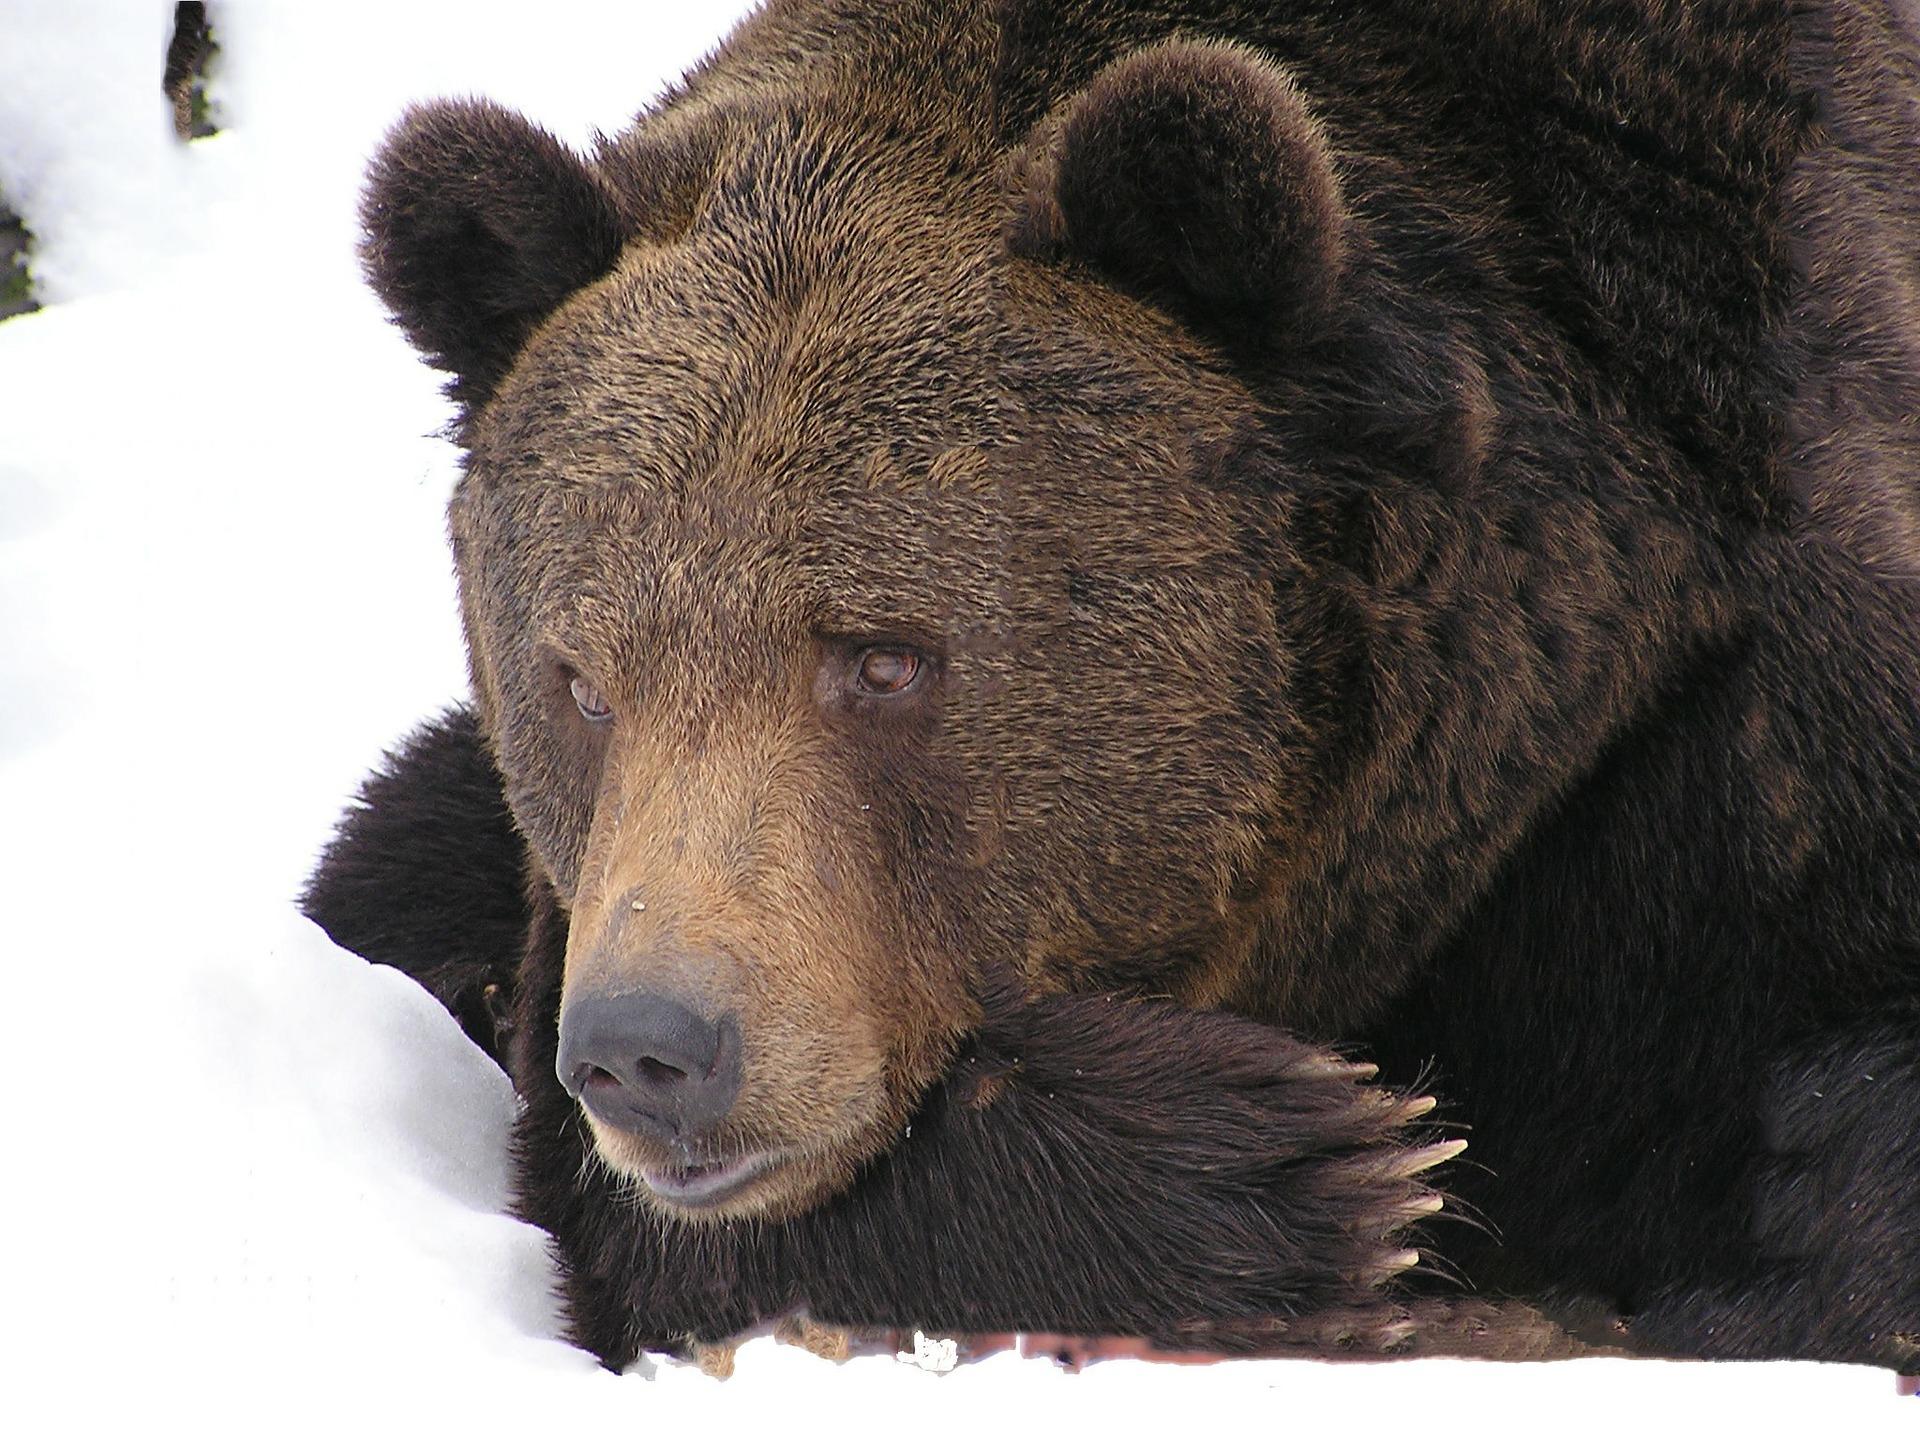 Podkarpackie niedźwiedzie w końcu zasnęły - Zdjęcie główne